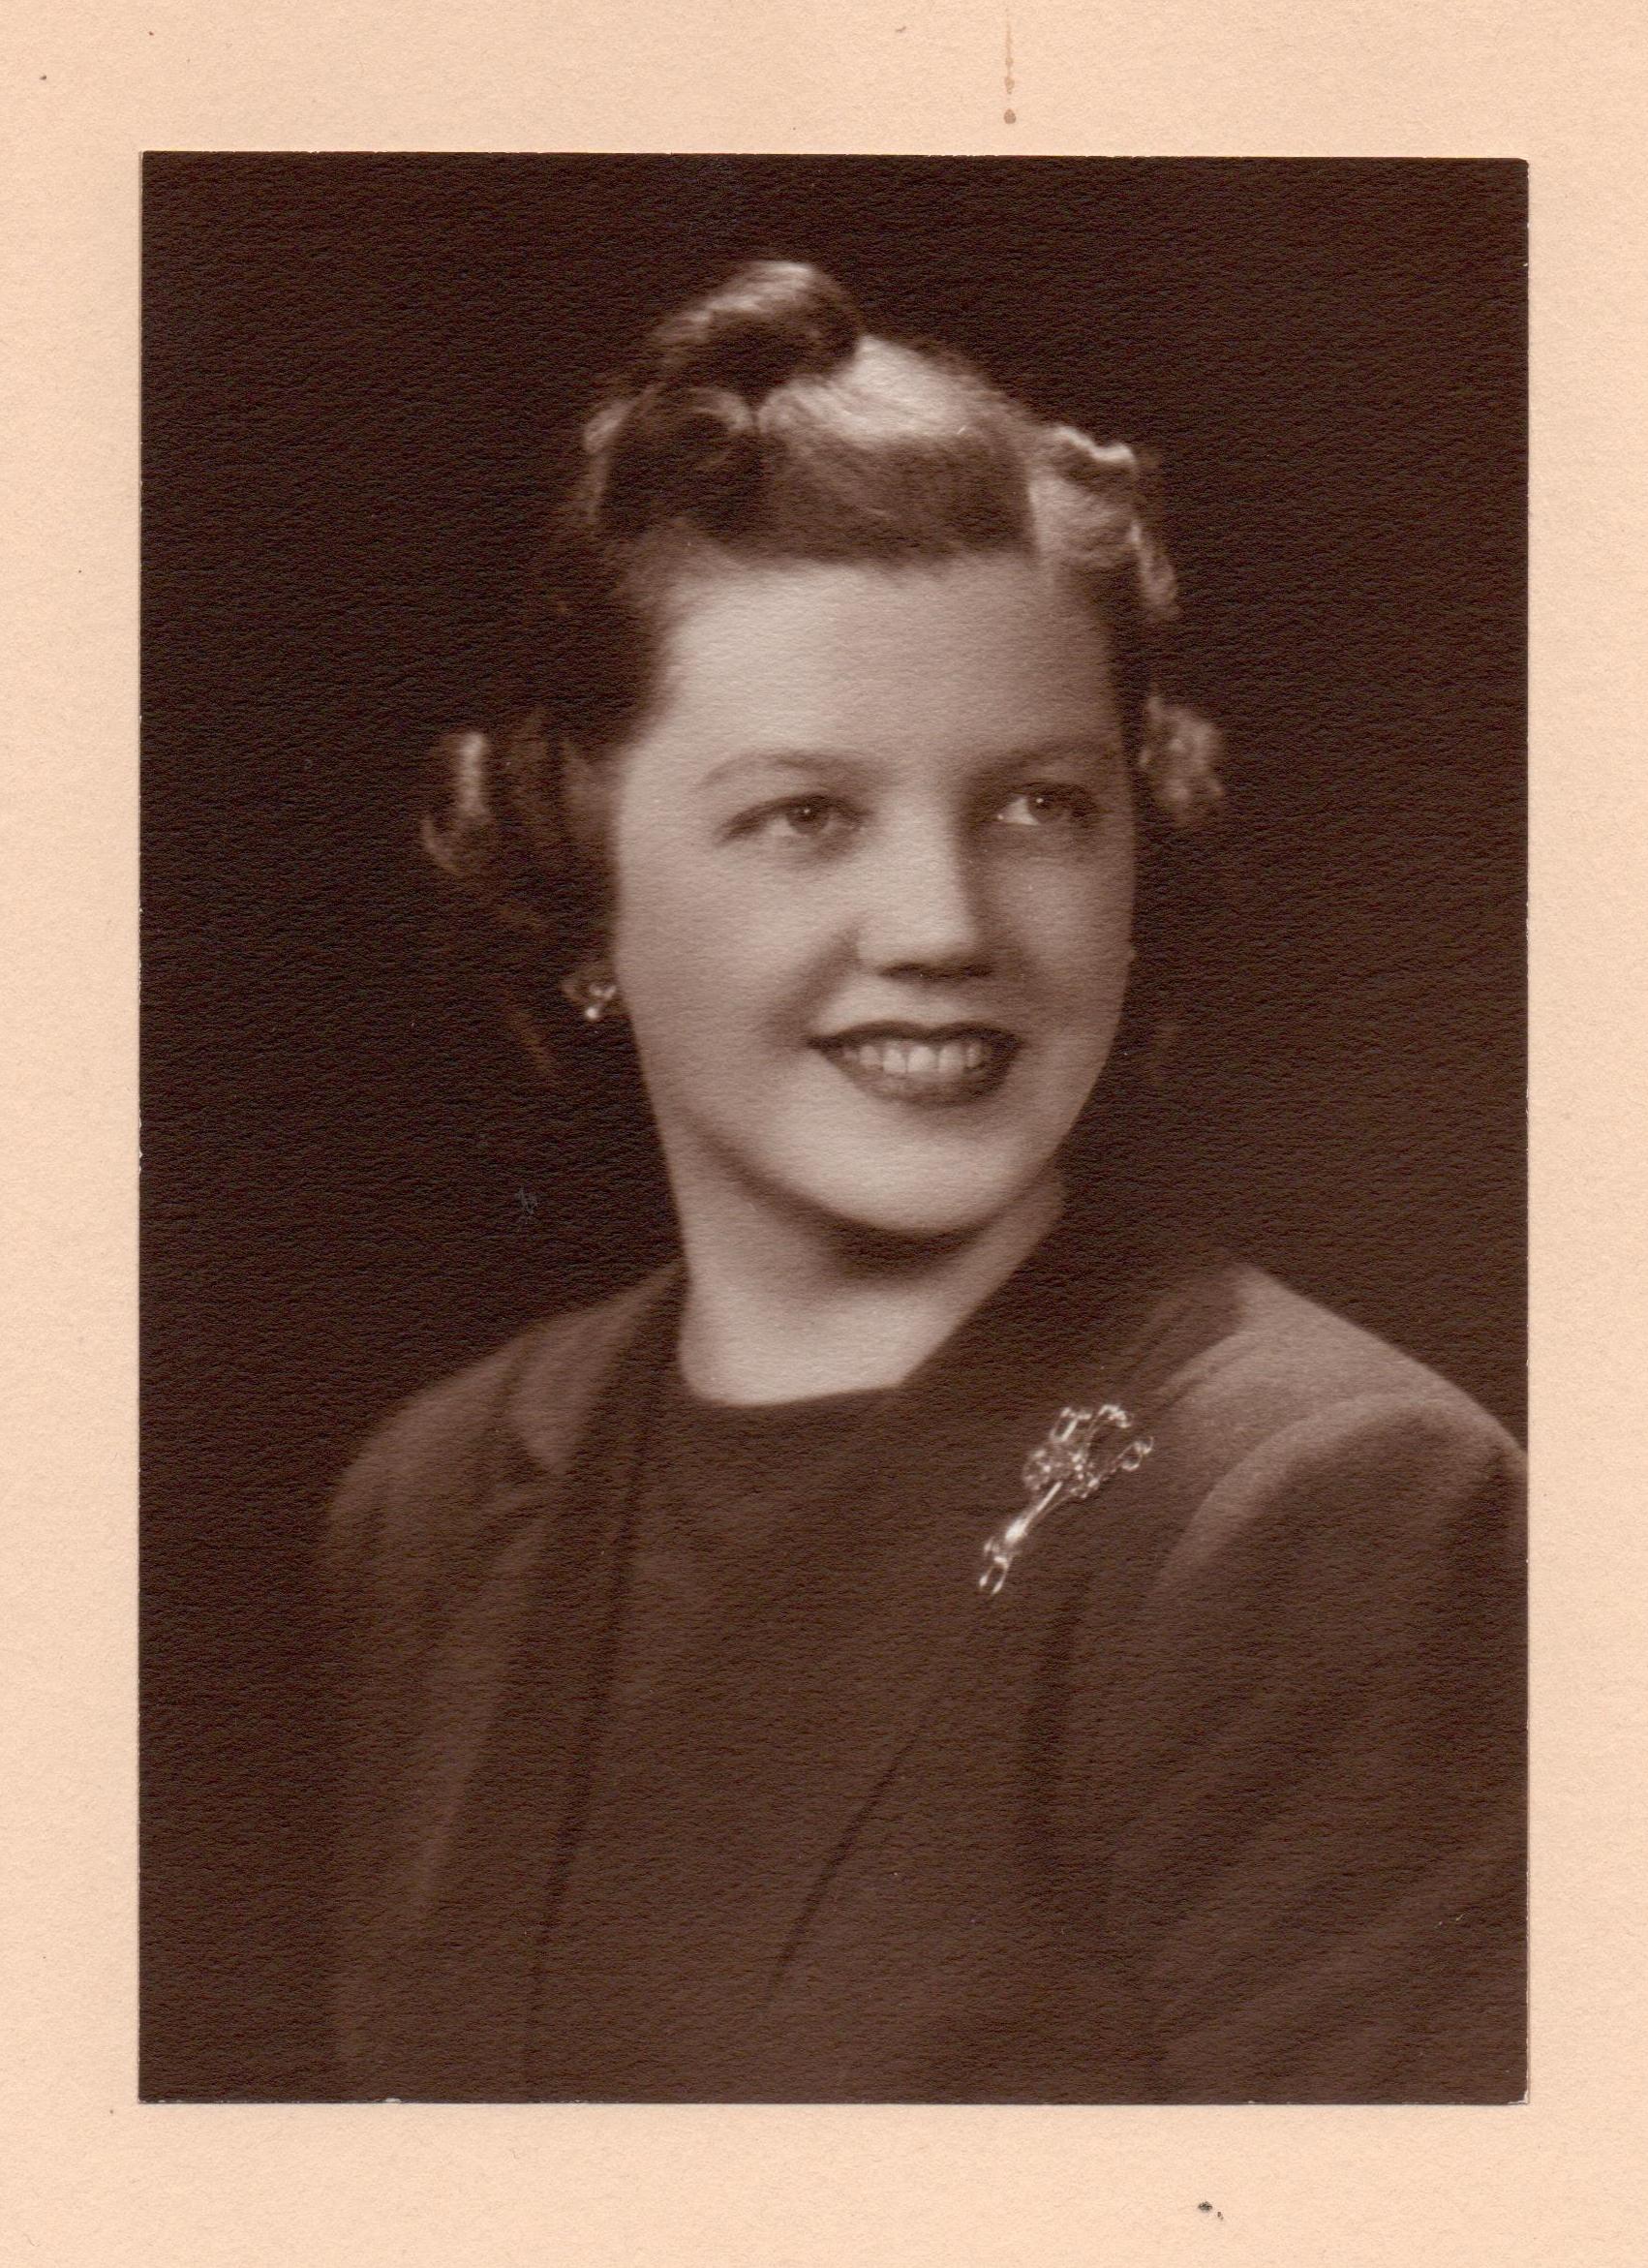 Marian Irwin